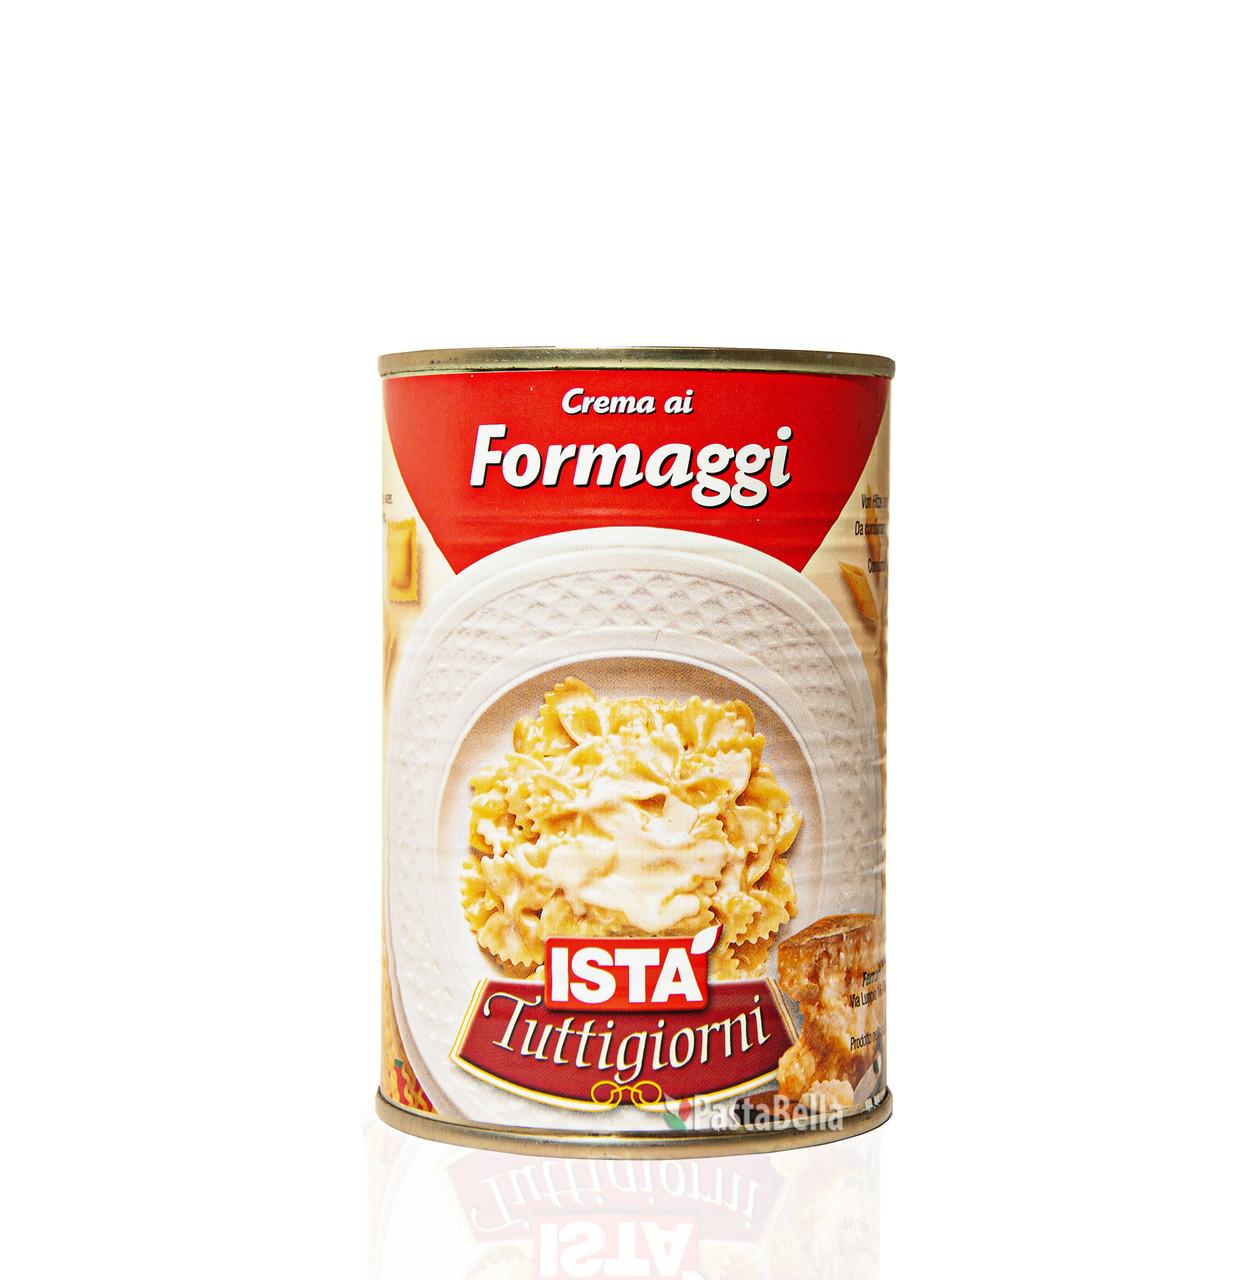 Купить Крем-соус сырный микс для пасты и закусок - Crema ai formaggi 400g Ista Pastabella